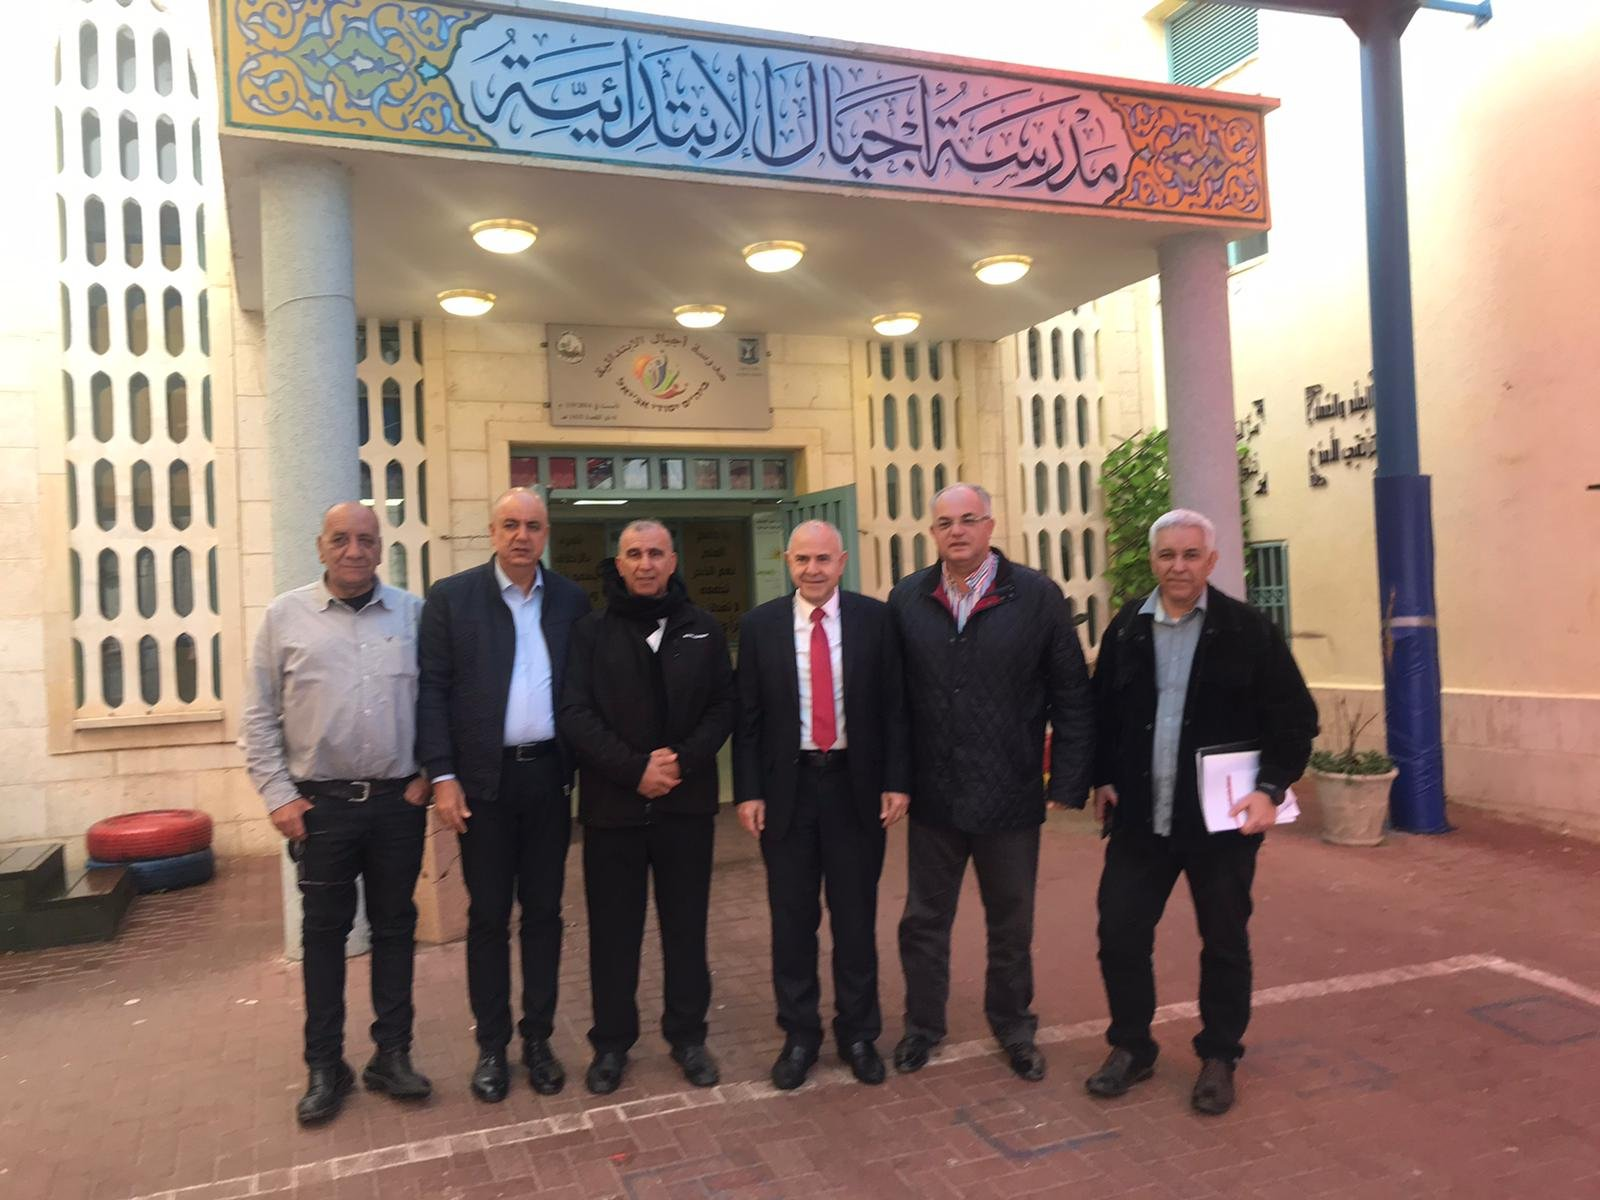 وزارة التّربية:جولة المدير العام للوزارة،شموئيل ابواب في مراكز الموهوبين في المجتمع العربي